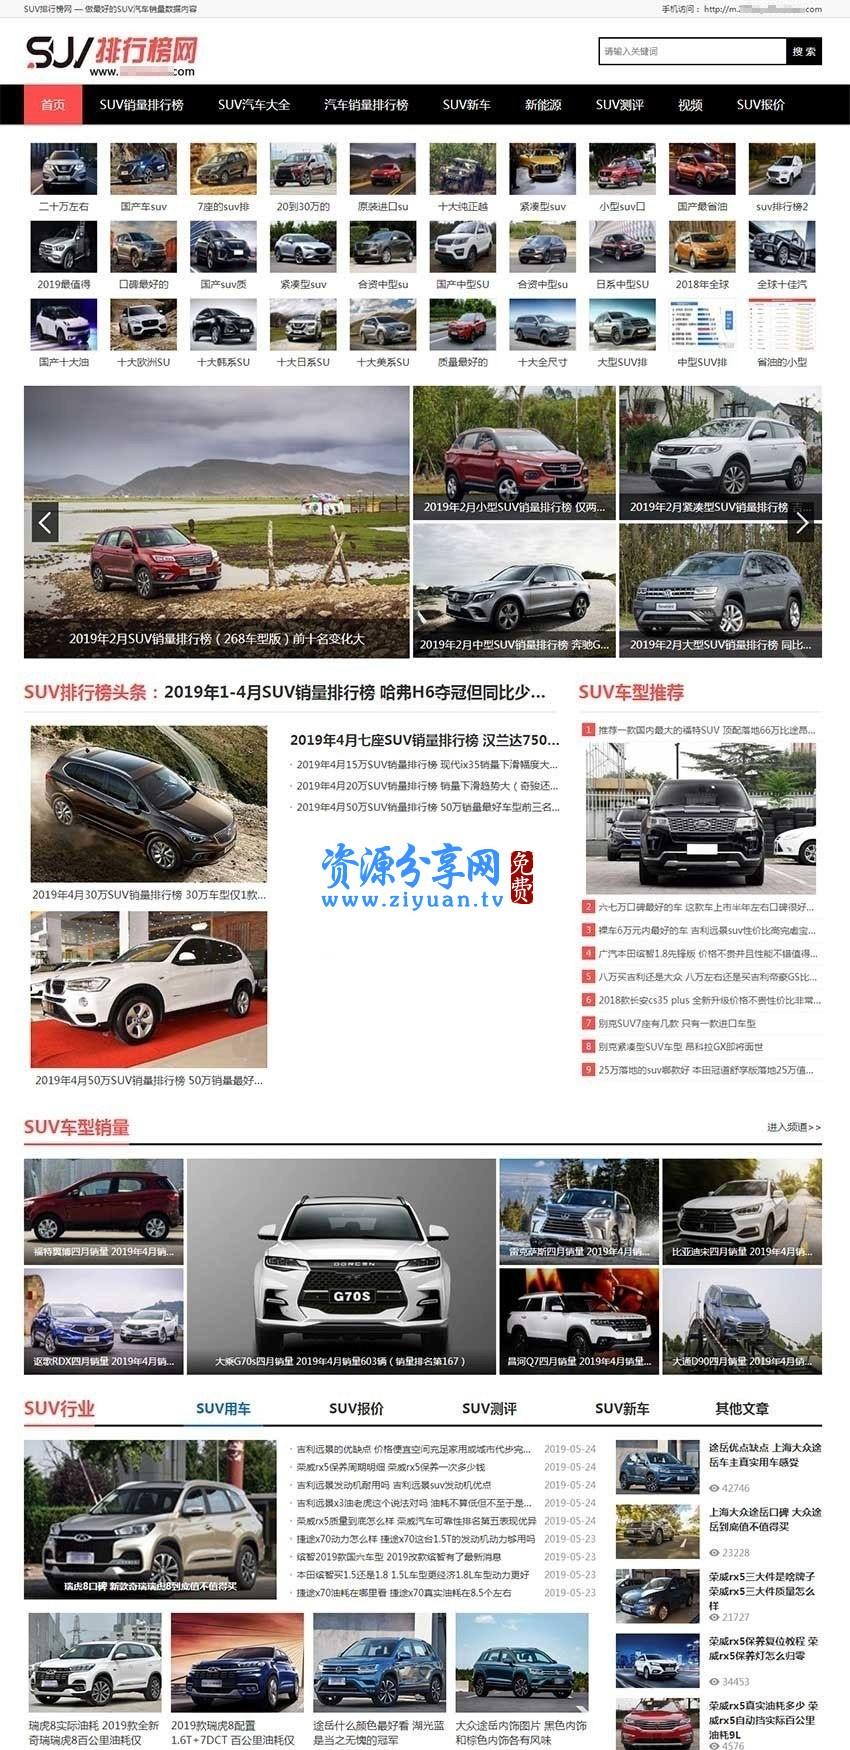 帝国 CMS 仿《SUV 排行榜网》汽车销量排行网汽车销量资讯网站模板源码